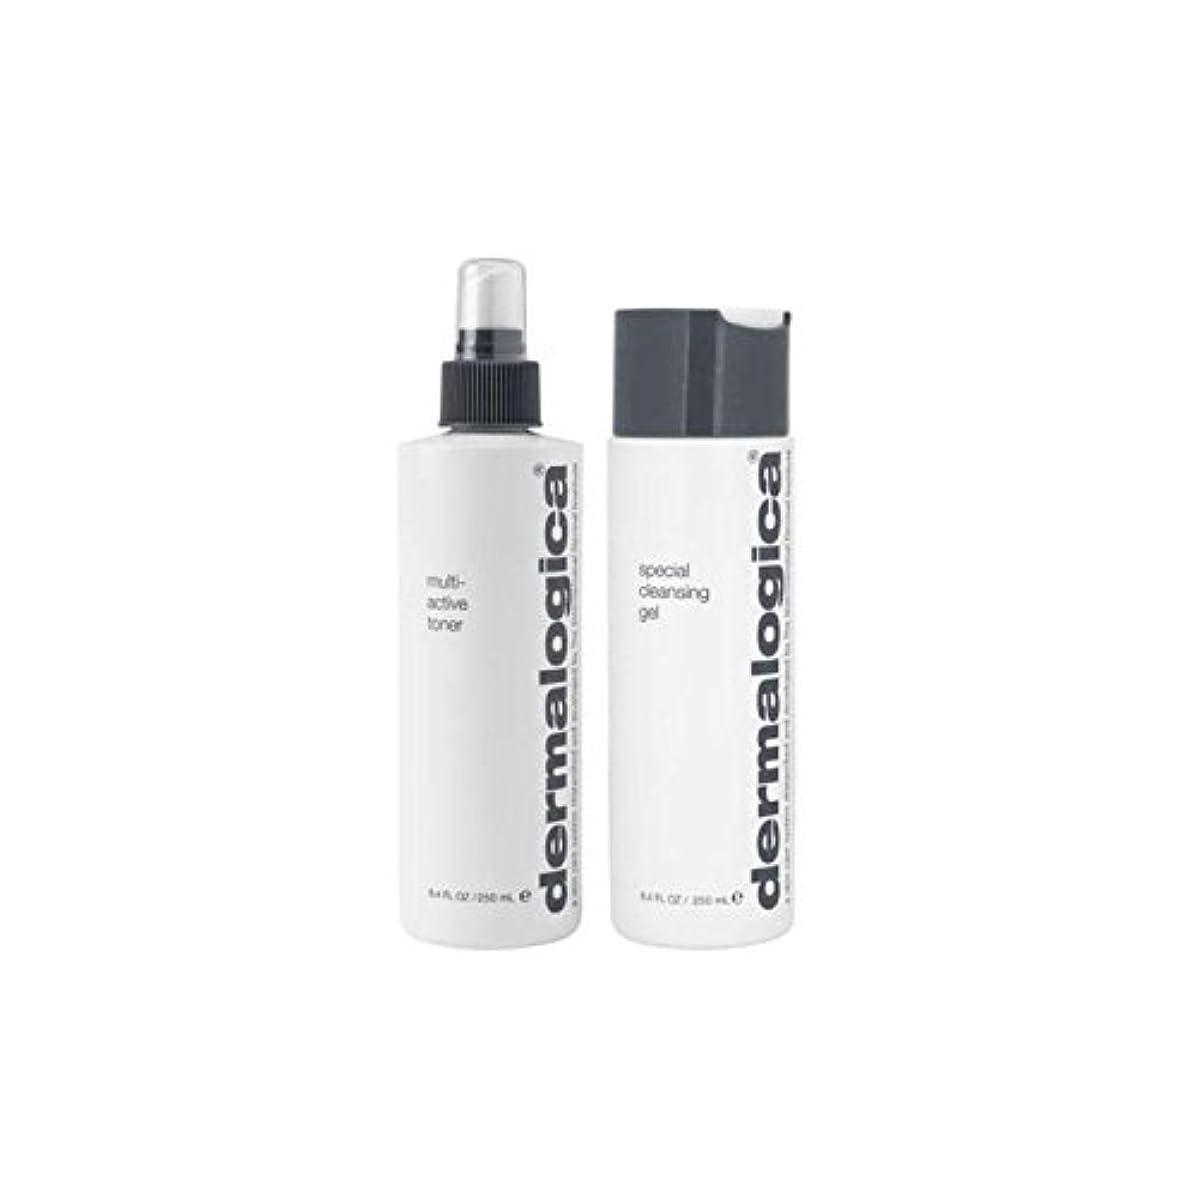 悪質な研究所確認するダーマロジカクレンジング&トーンデュオ - ノーマル/ドライスキン(2製品) x2 - Dermalogica Cleanse & Tone Duo - Normal/Dry Skin (2 Products) (Pack...